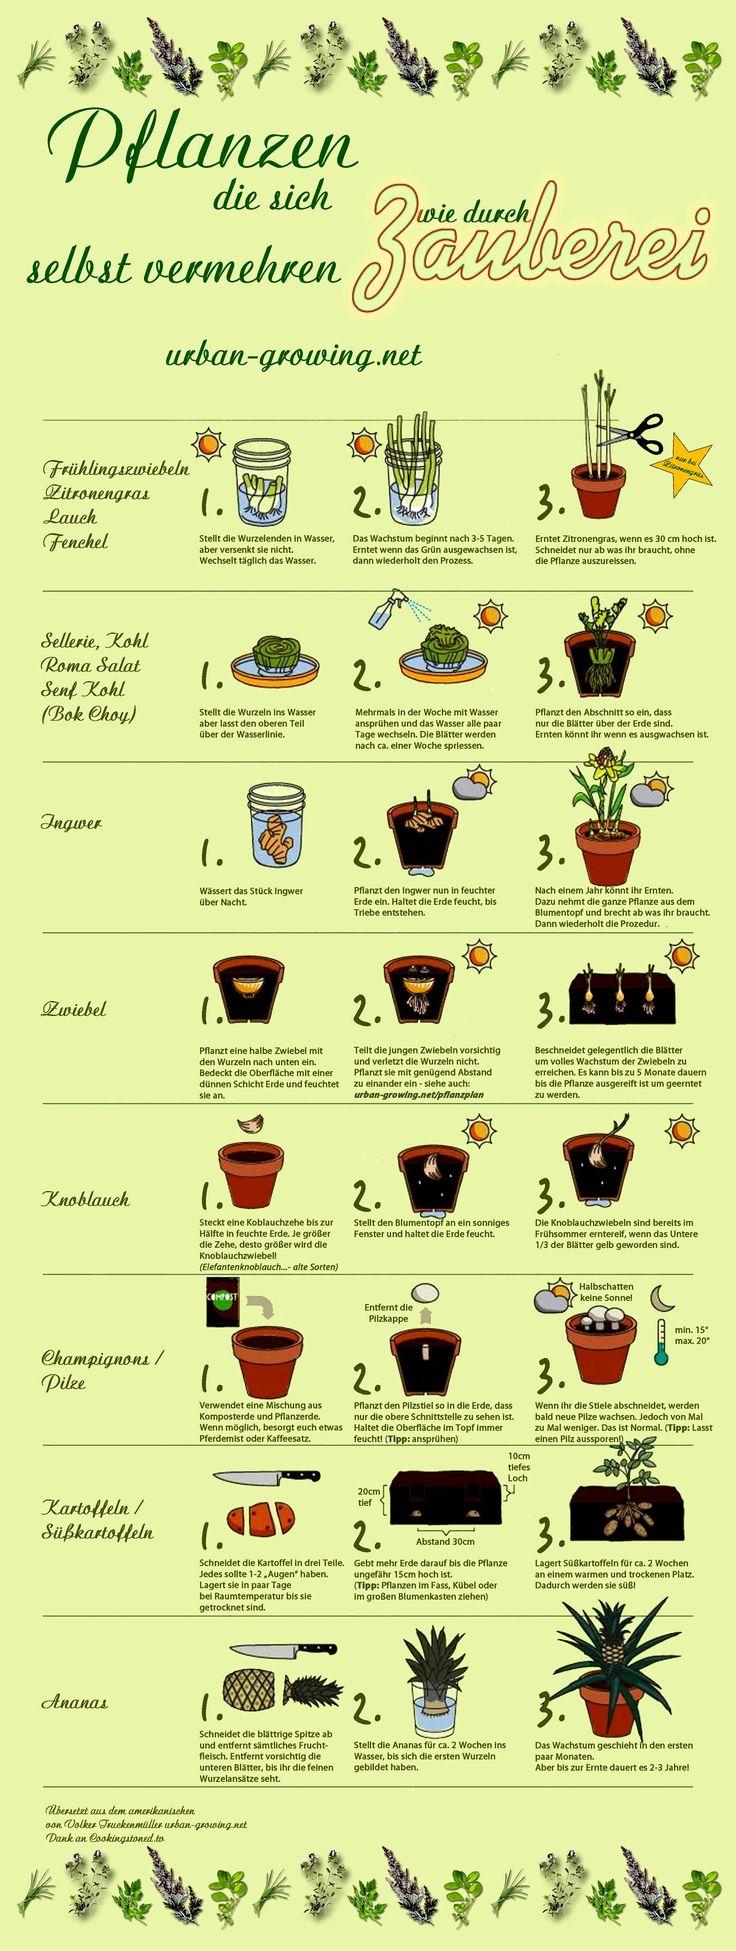 Pflanzenvermehrung wie durch Zauberei – gärtnern …